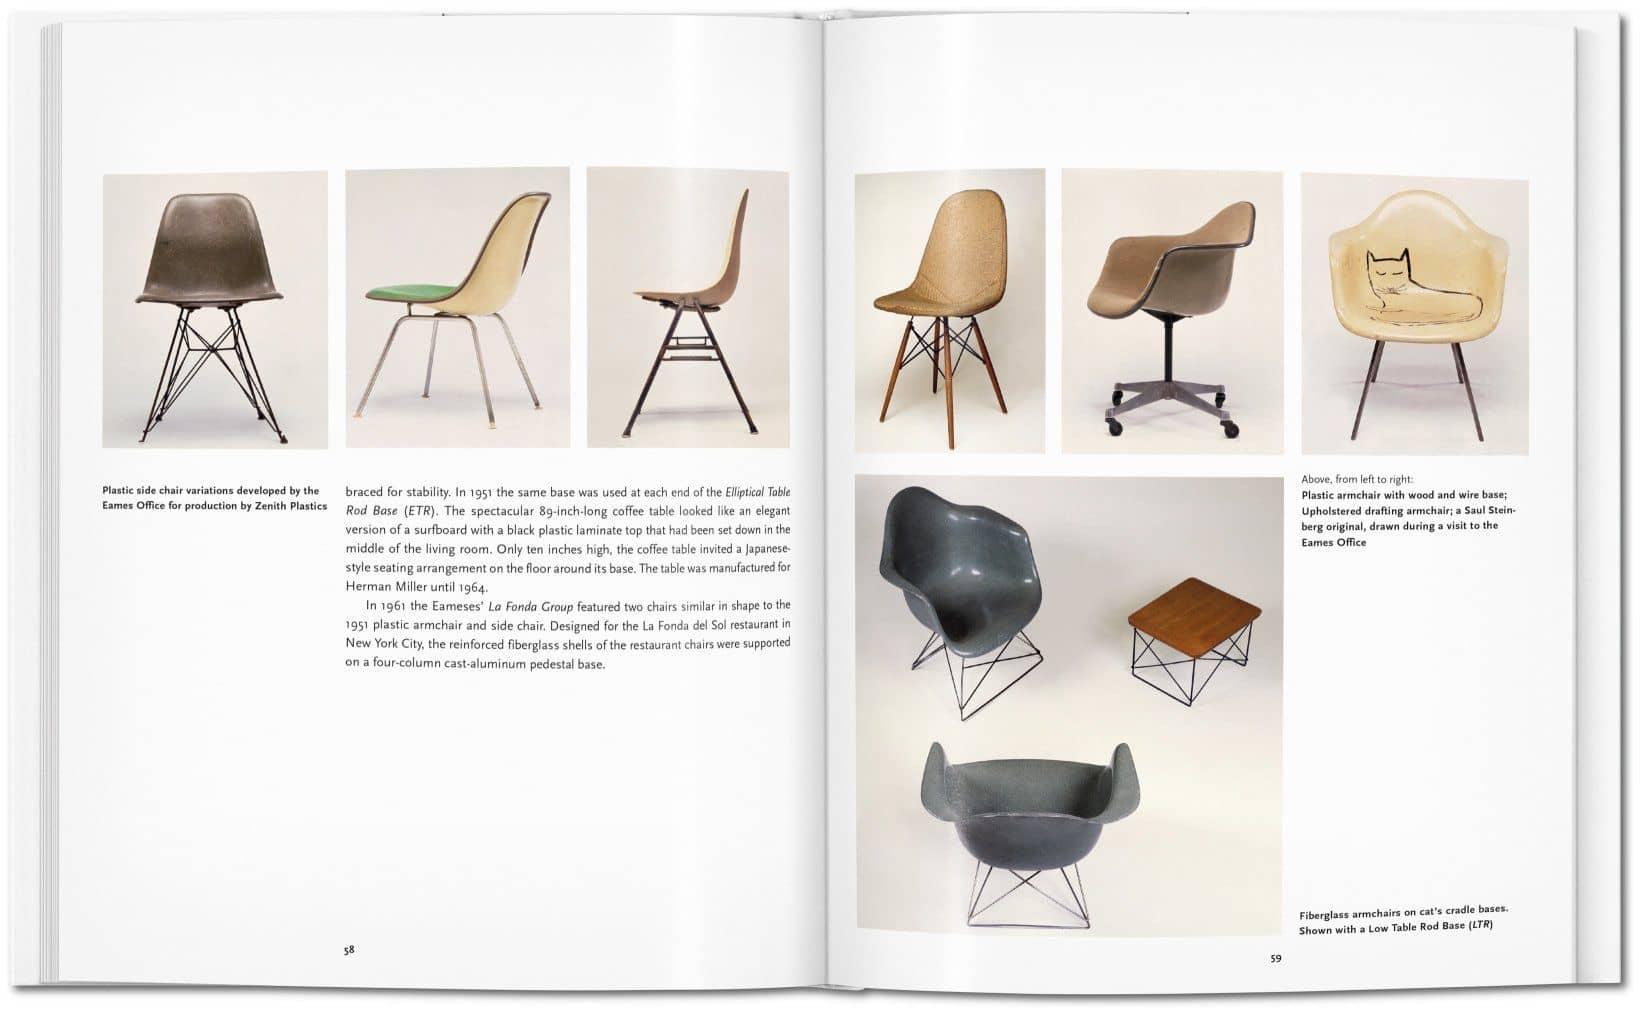 volta_taschen_Eames_book_6